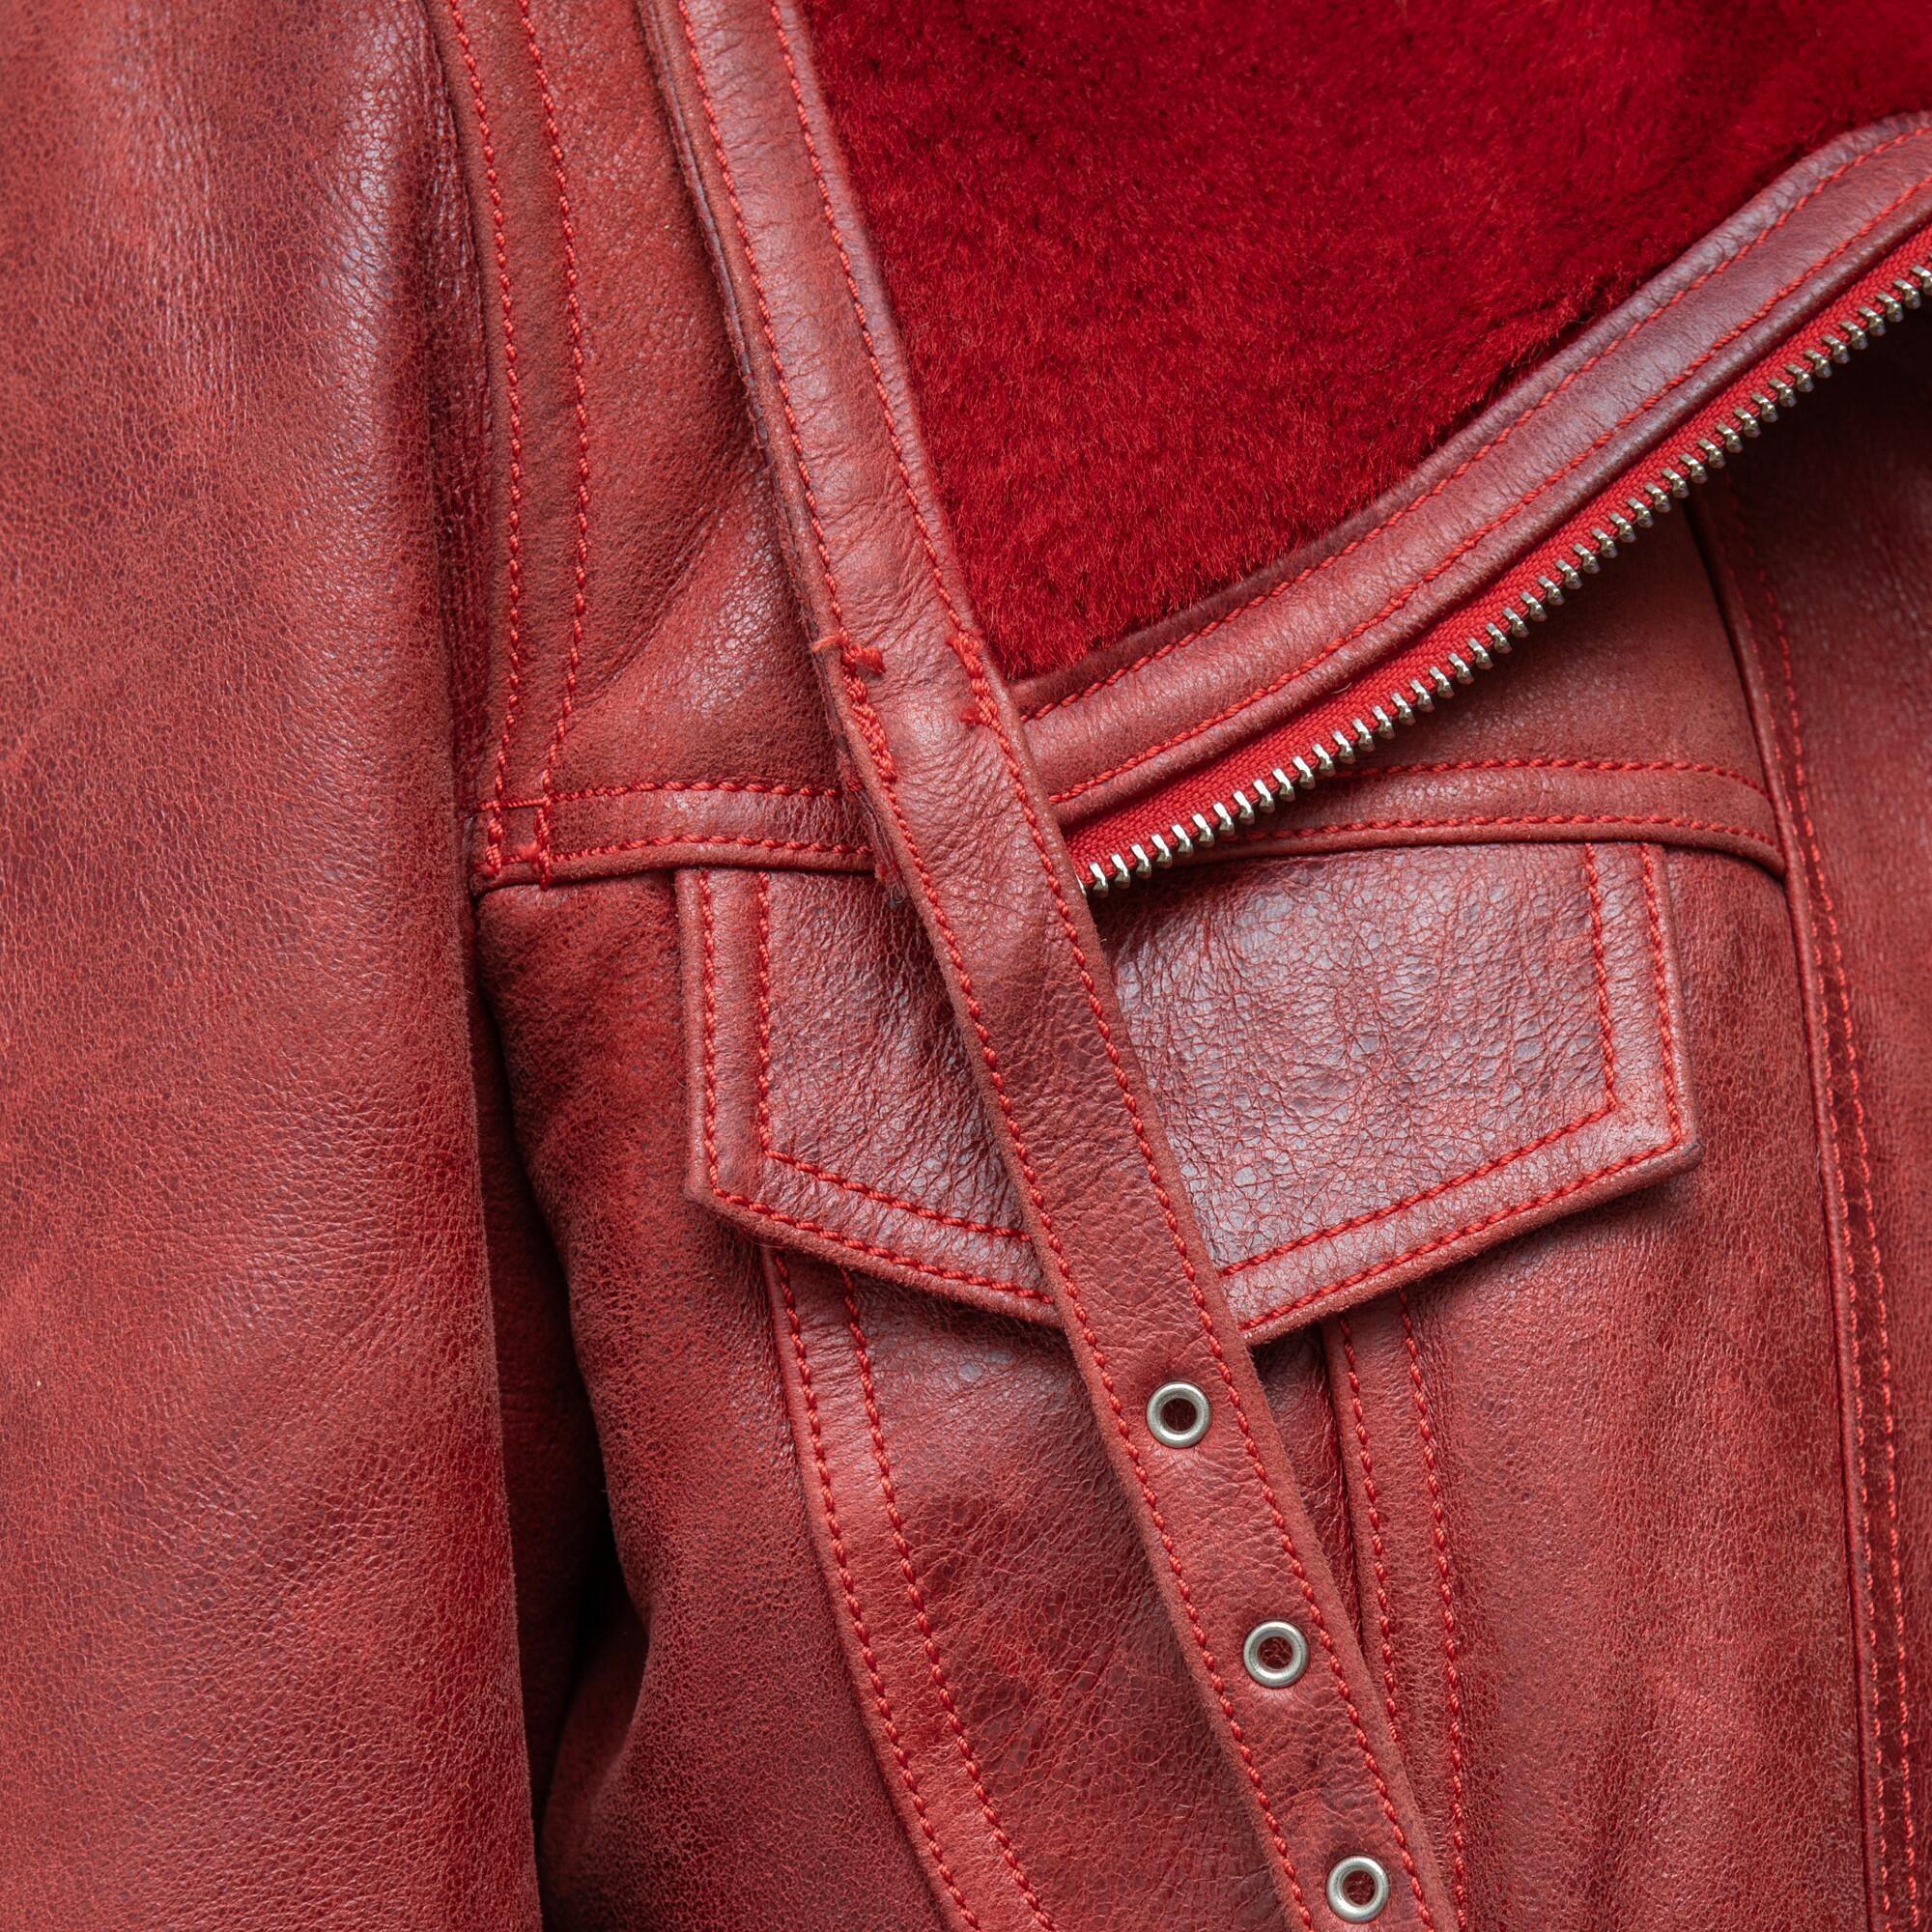 Czerwona kurtka ze skóry - KEX Vintage Store | JestemSlow.pl